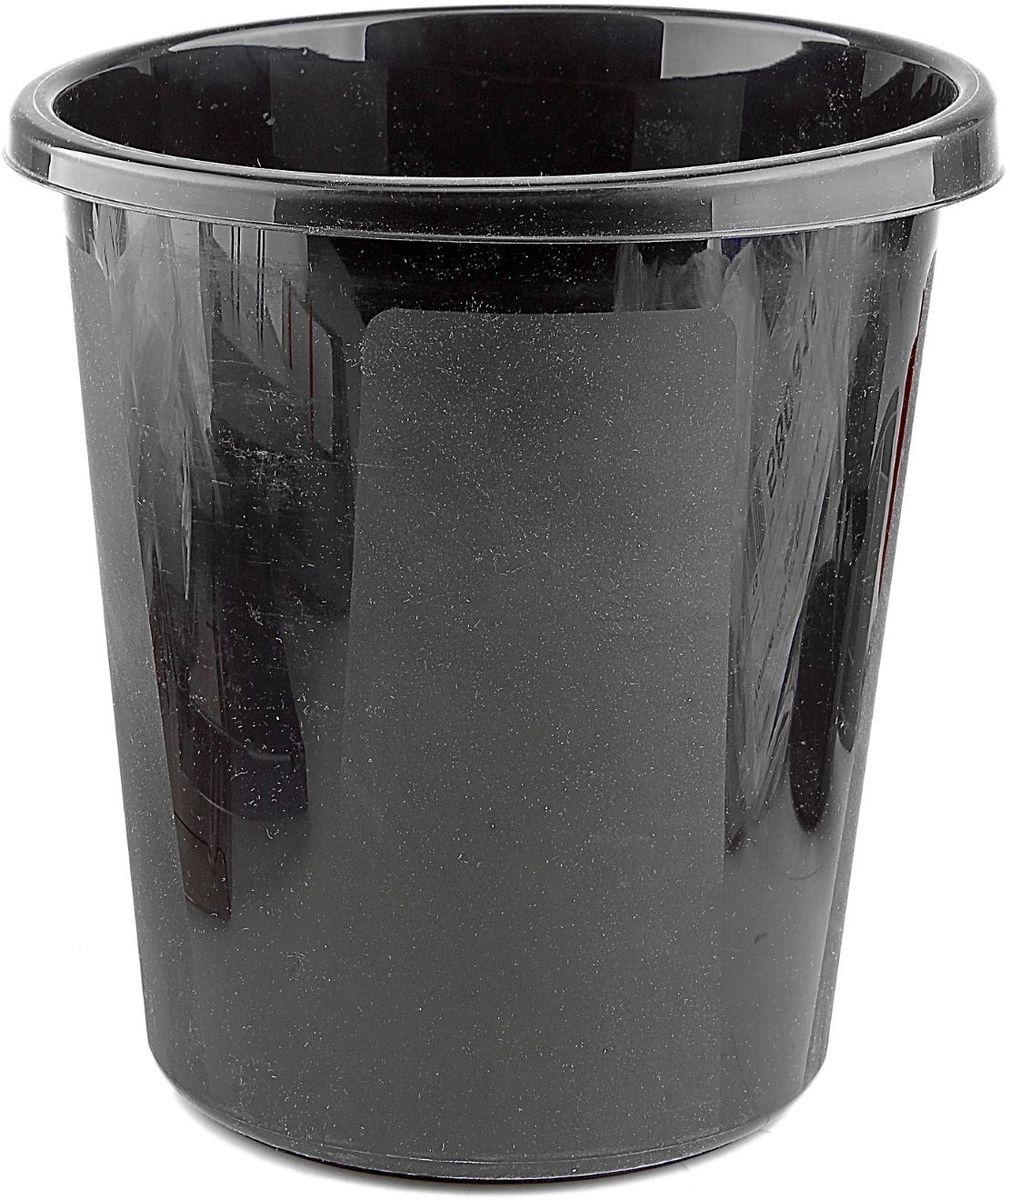 Корзина для бумаг 9 л цвет черный несгораемая корзина для бумаг 30 л 1056629